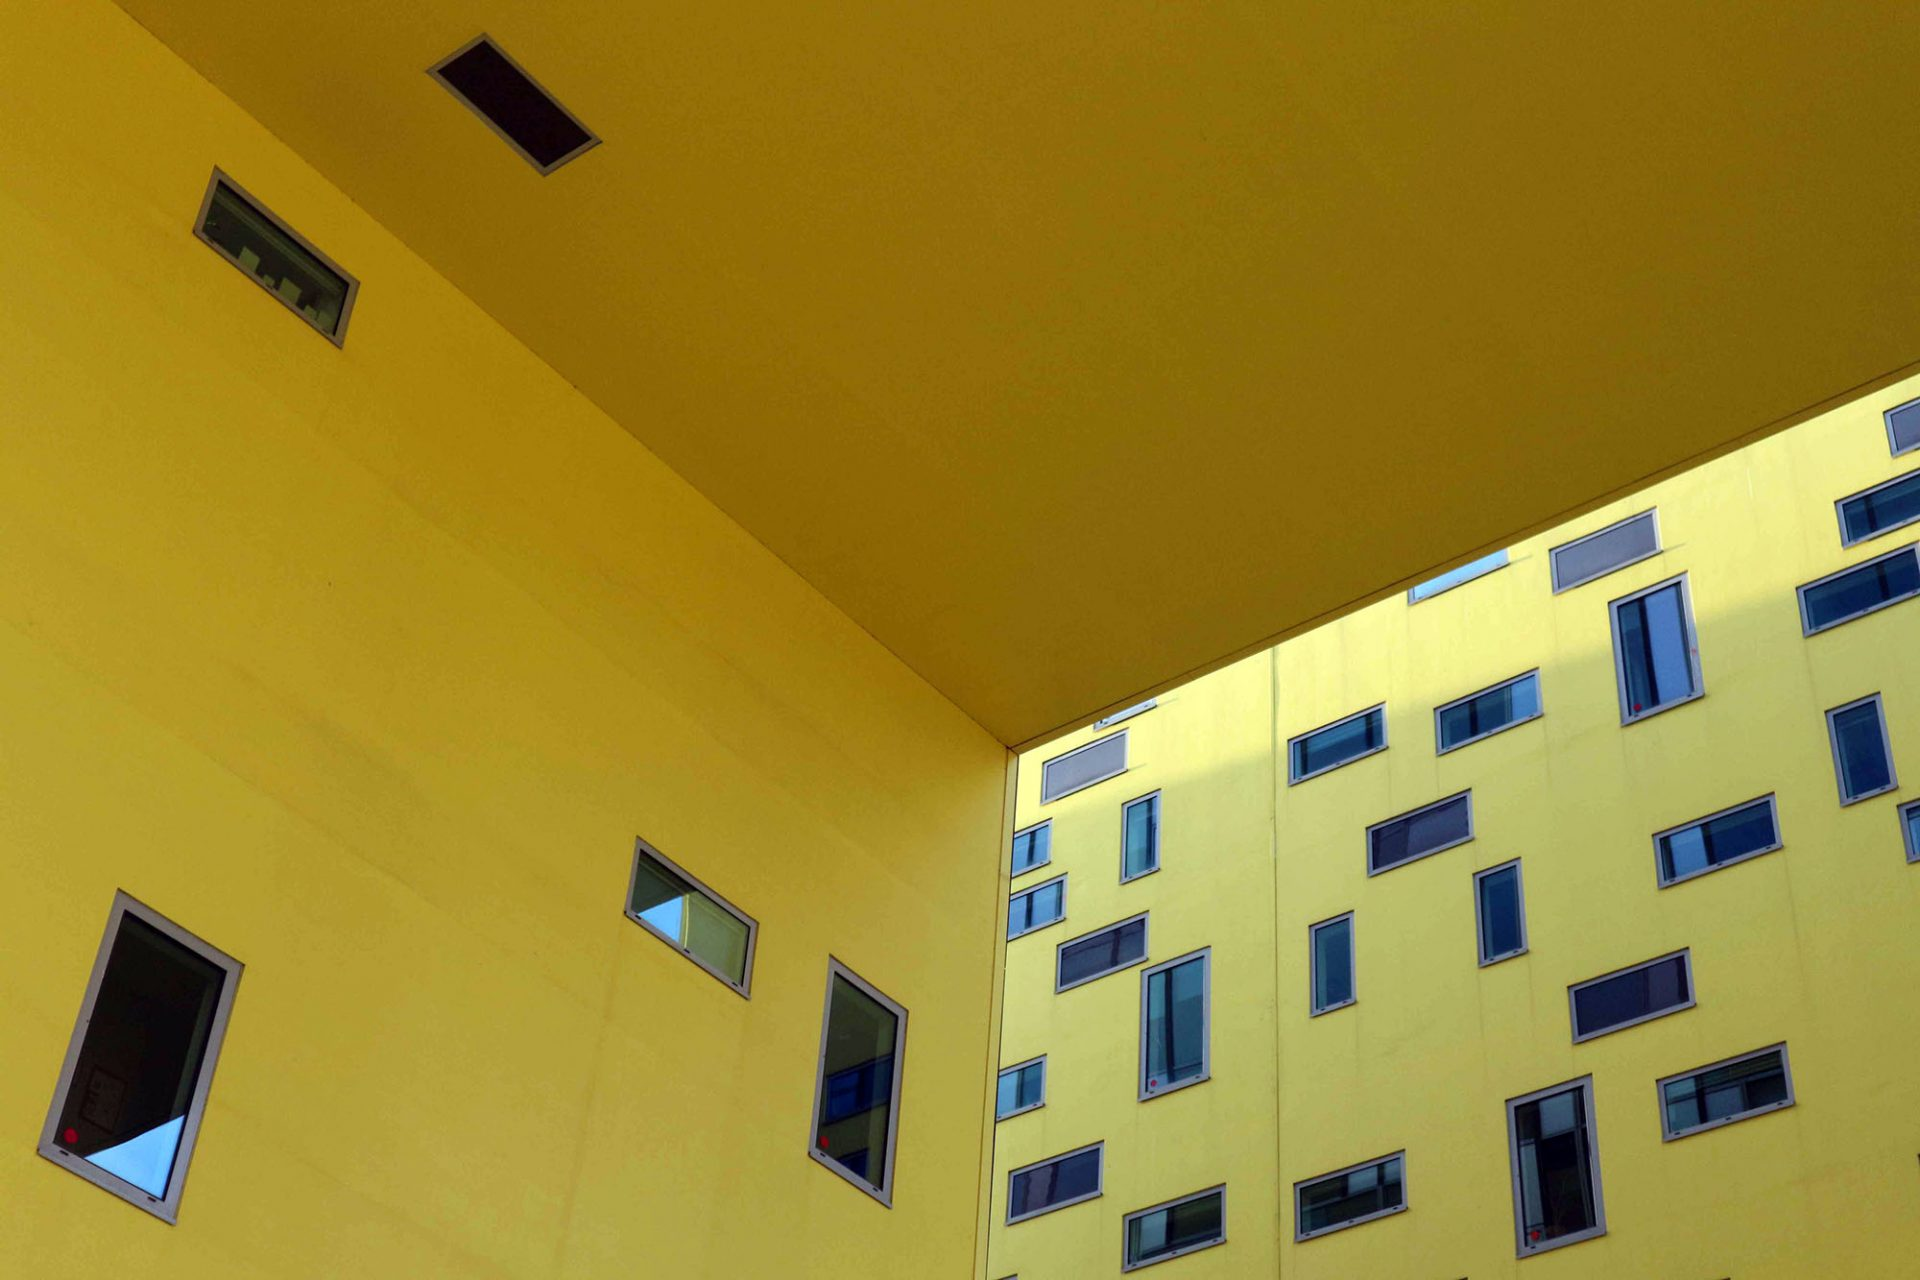 Ilot Grüner. Liegende und stehende Fensterformate wechseln sich ab.